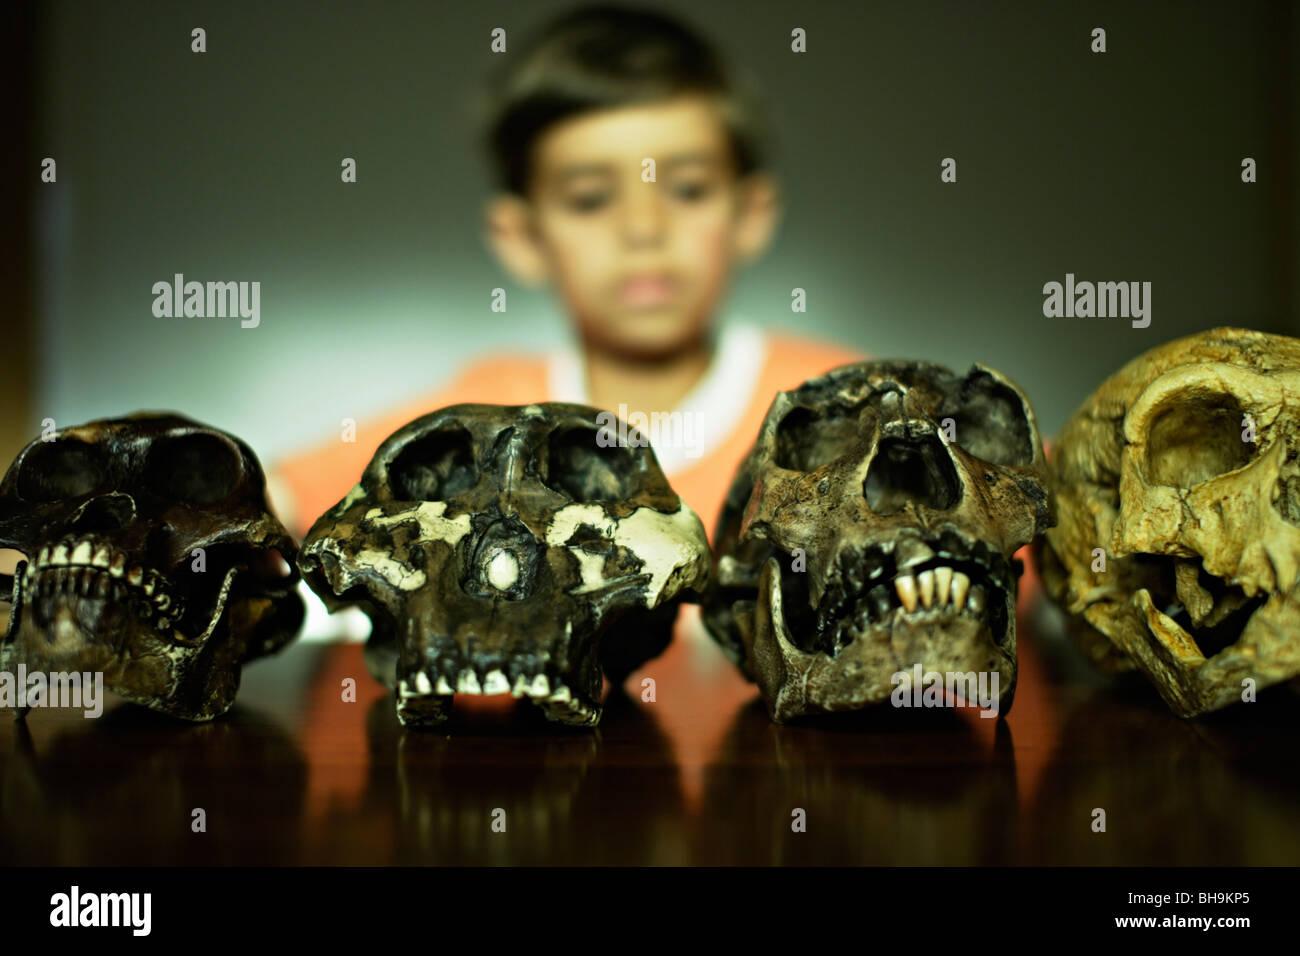 Niño mira la reproducción cráneos de antepasados humanos extinguidos Imagen De Stock